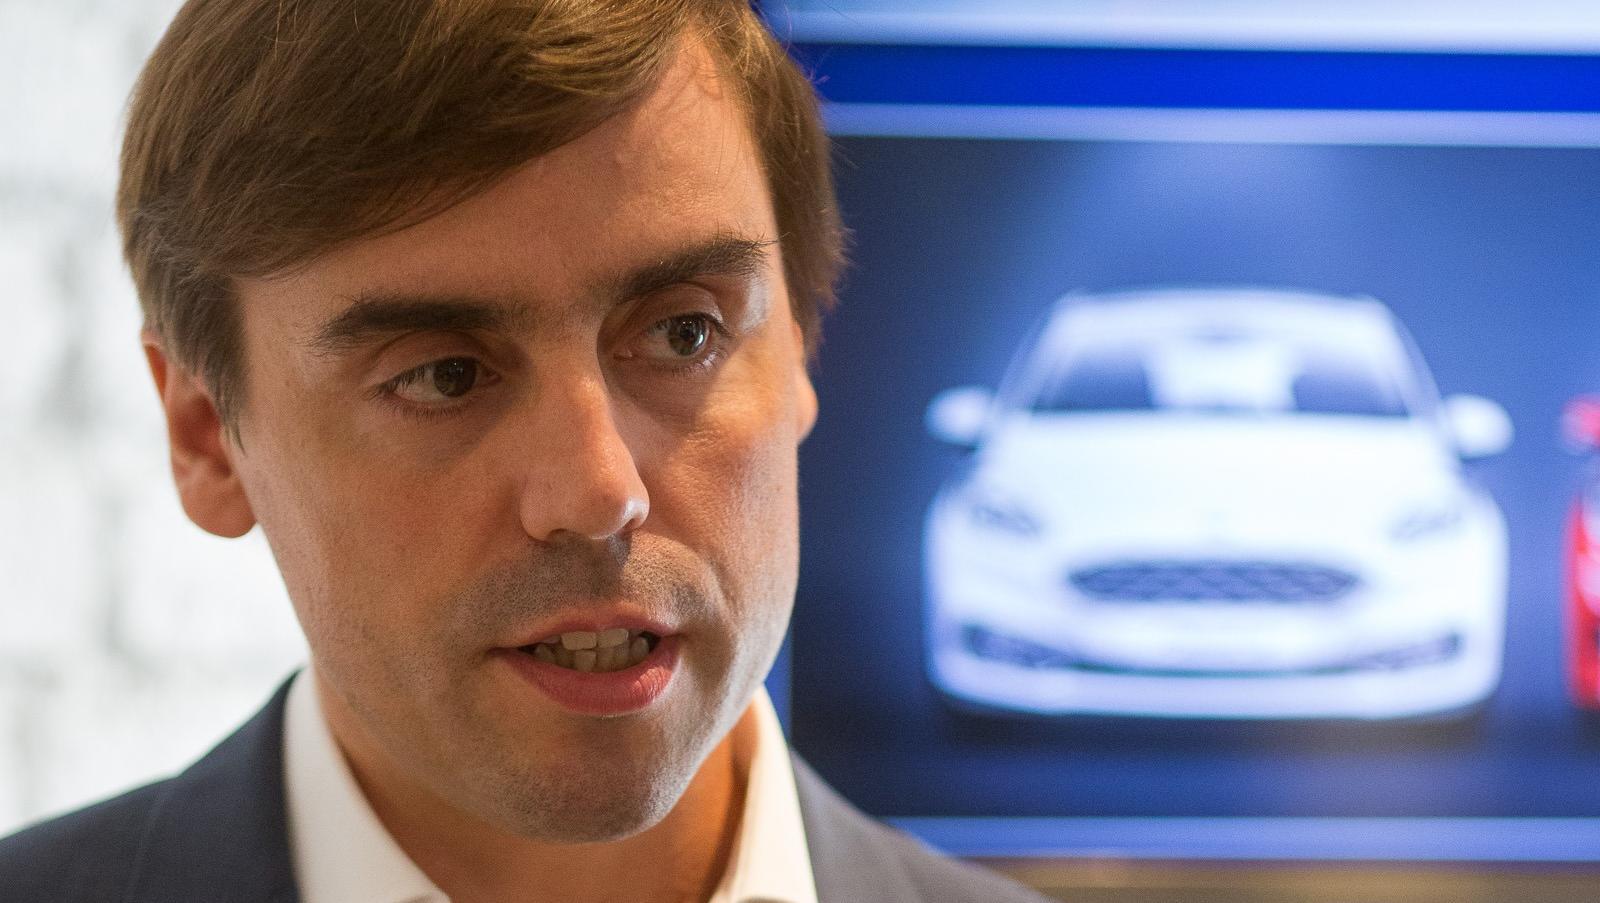 Uporabniška izkušnja gospodarskih vozil se približuje izkušnji osebnih vozil